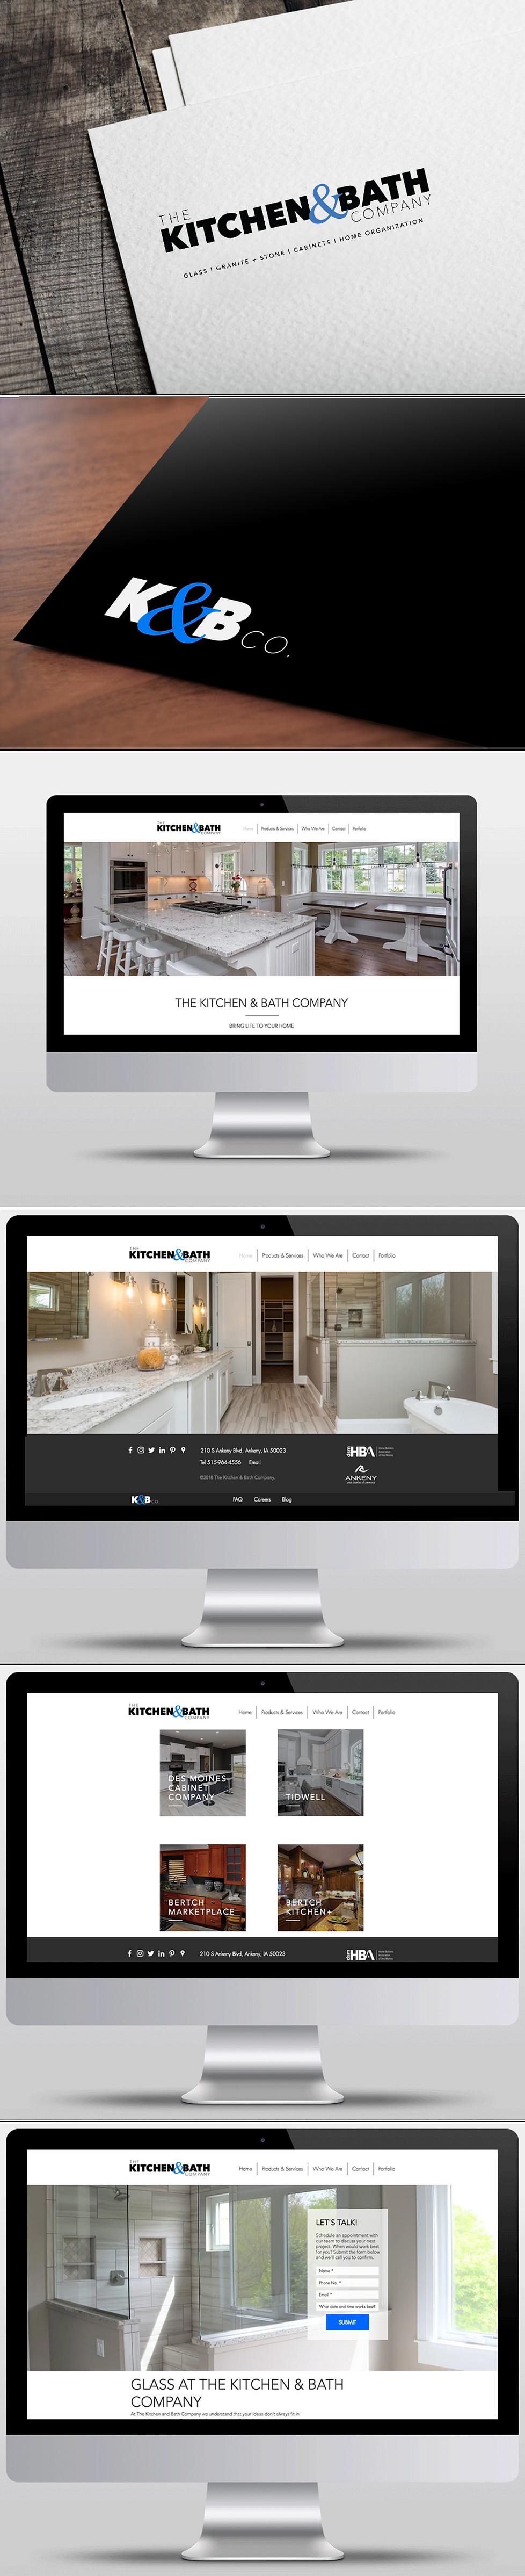 k&bco_brandappeal_design.png